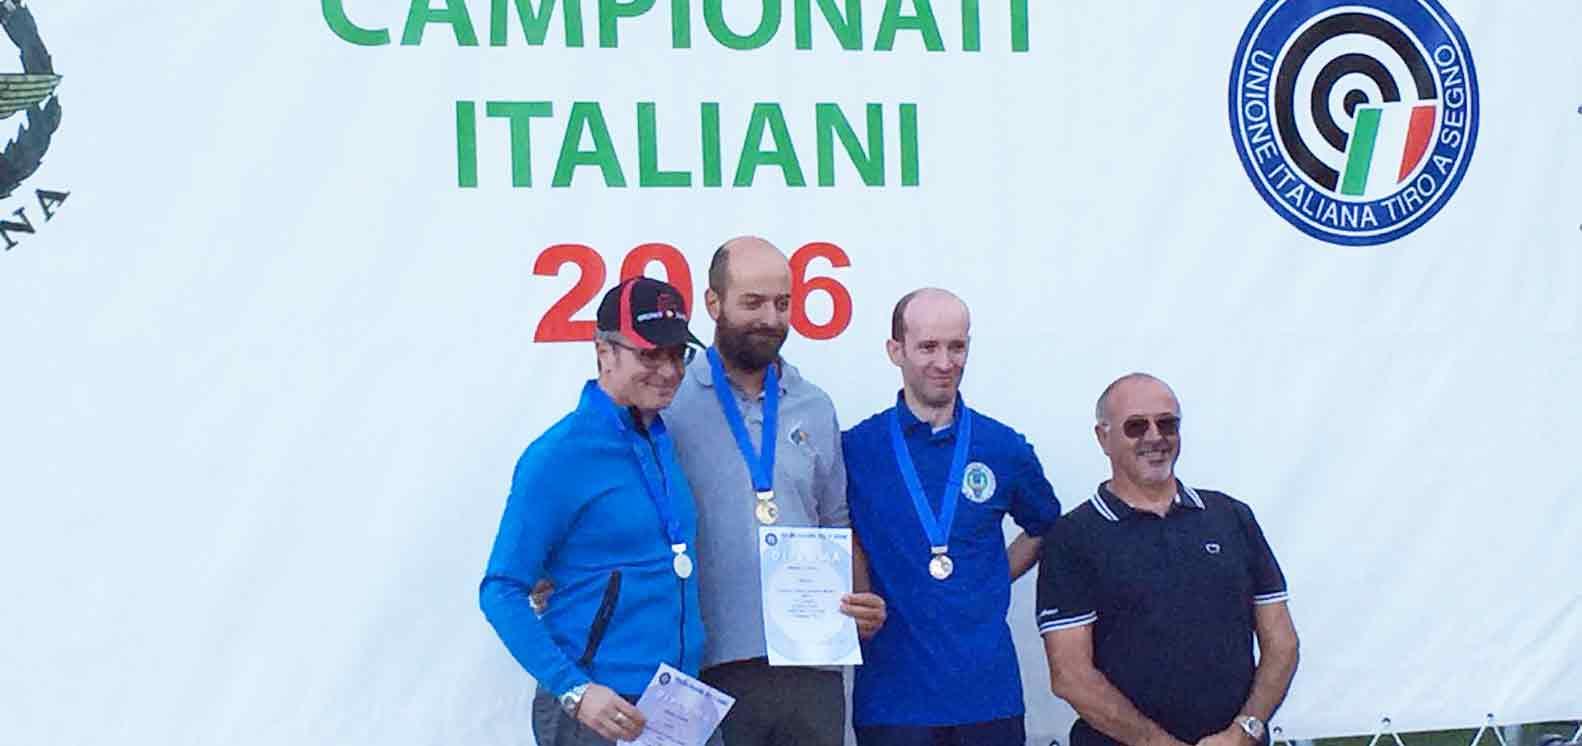 Ottima prestazione degli atleti del TSN di Verona alla finale campionati italiani seniores e master